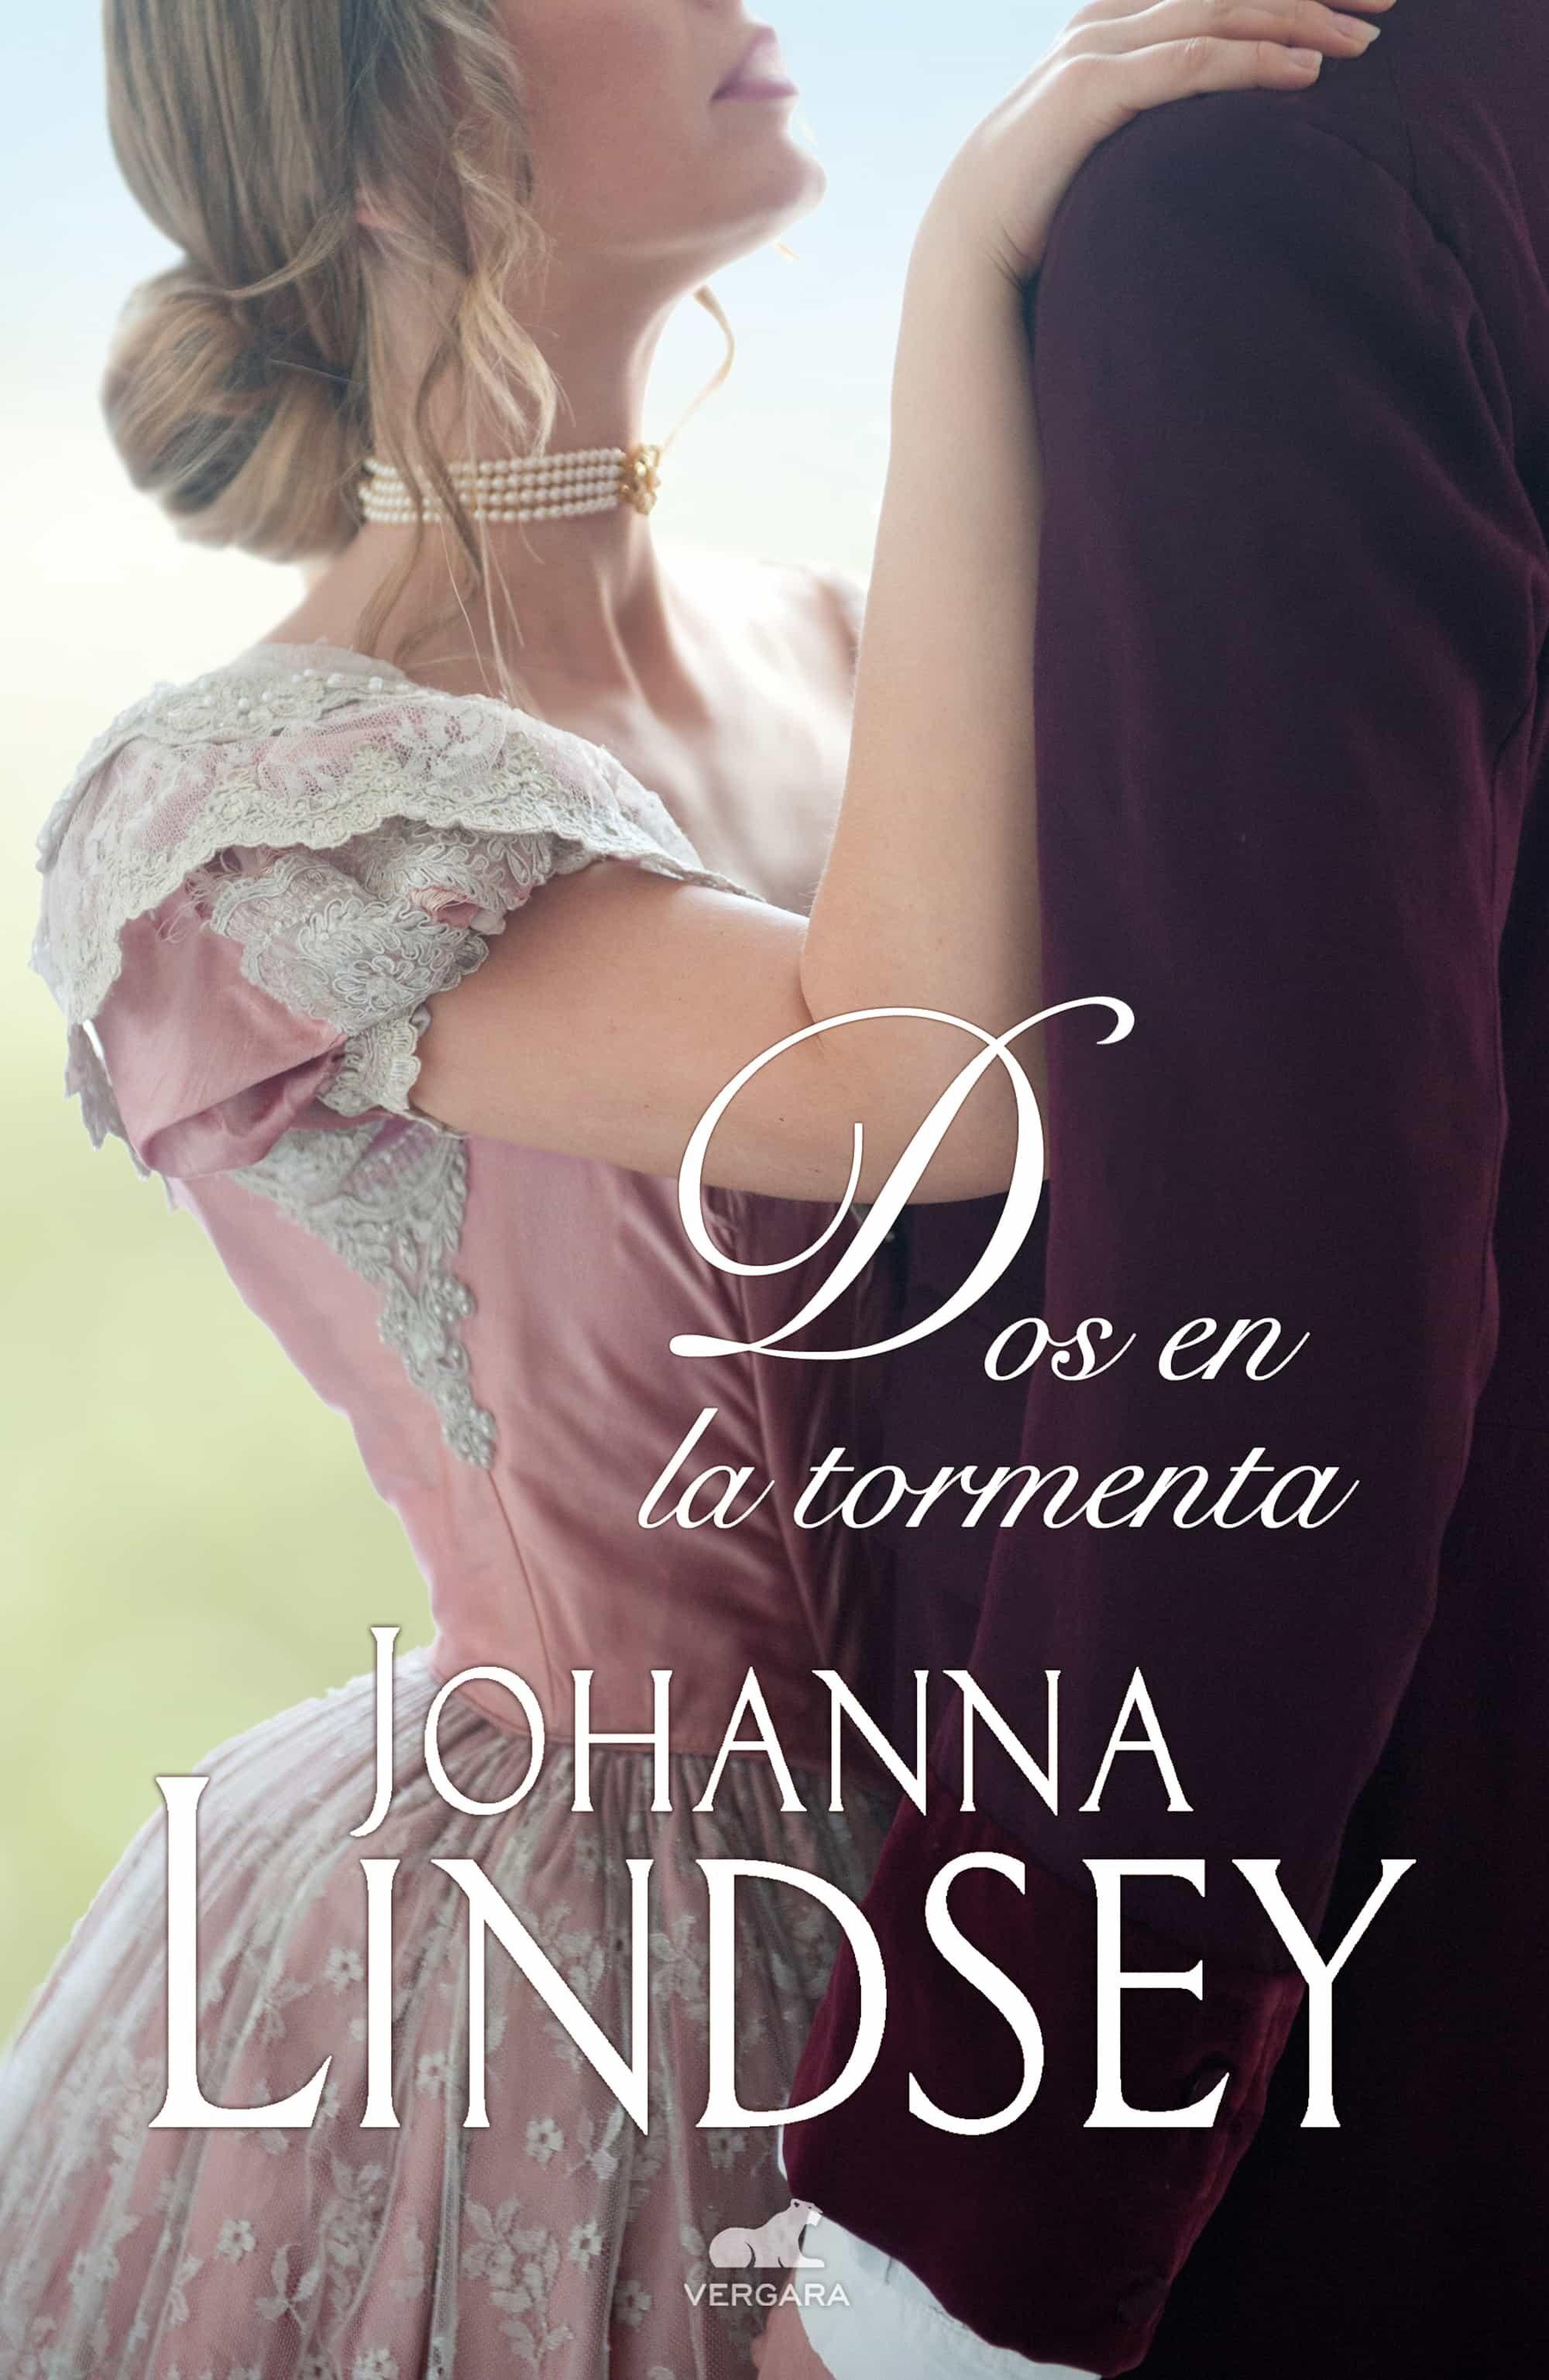 Resultado de imagen de libro dos en la tormenta de johanna lindsey